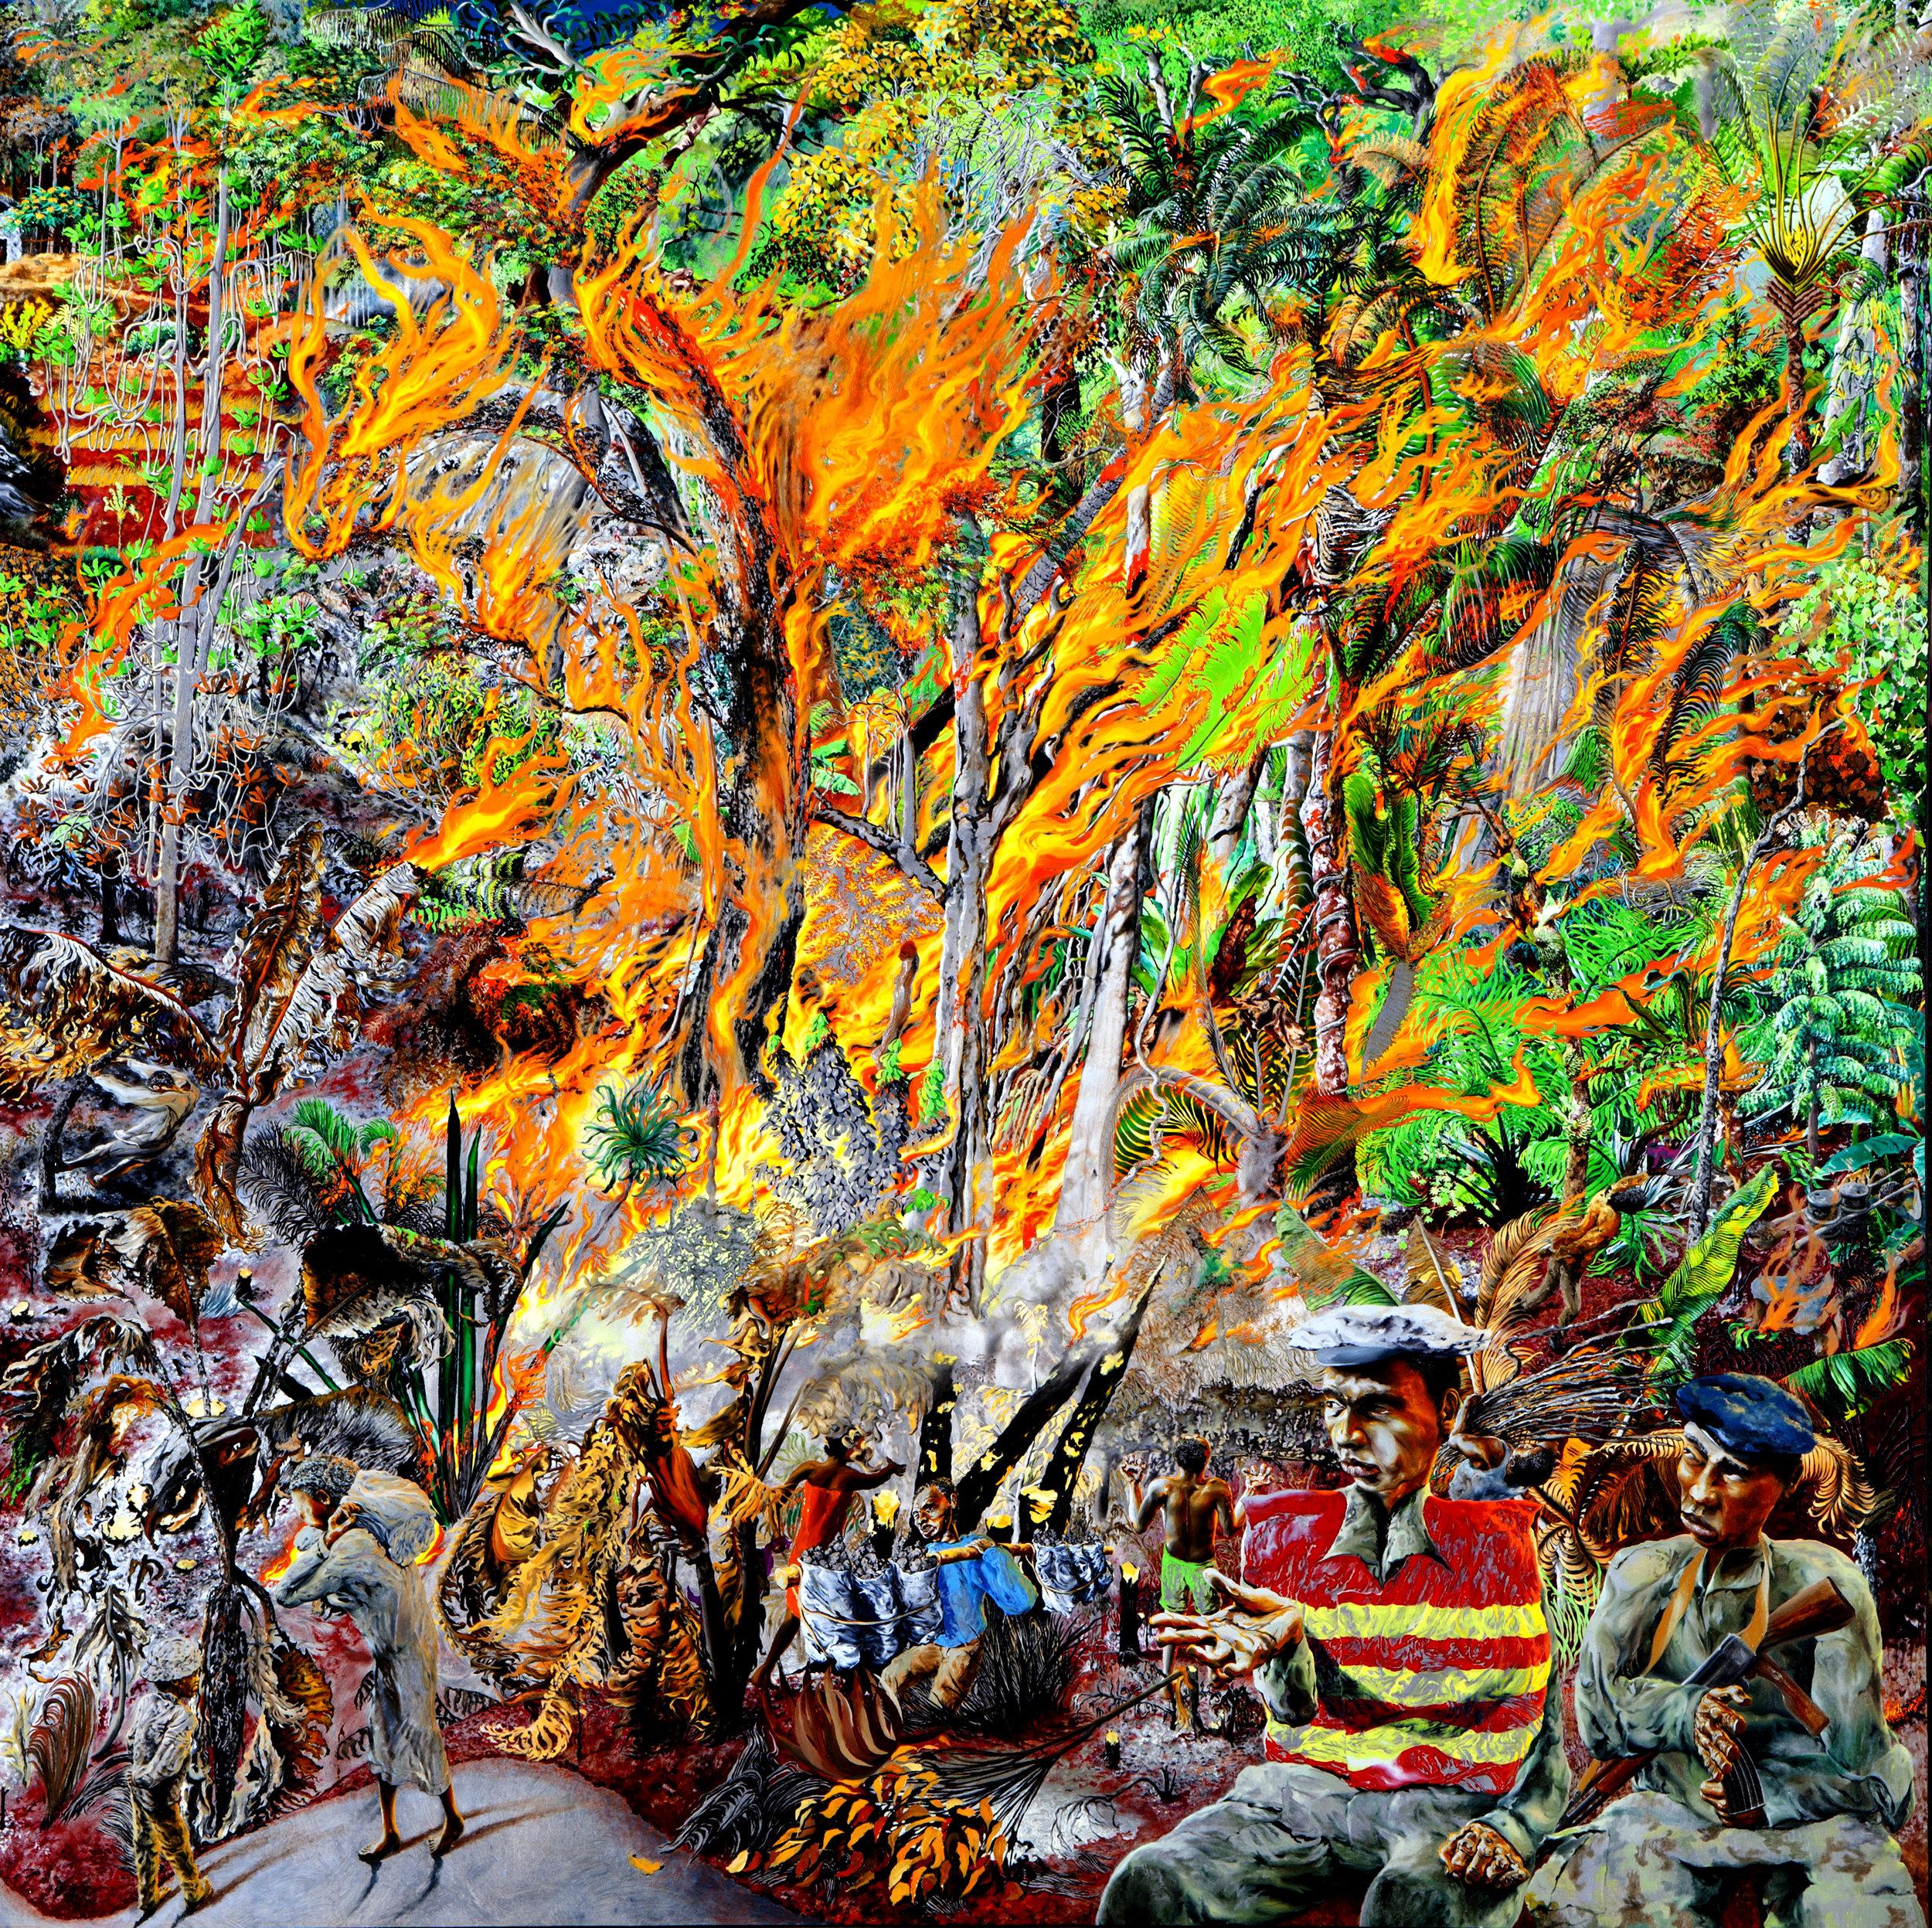 Rainforest Fire